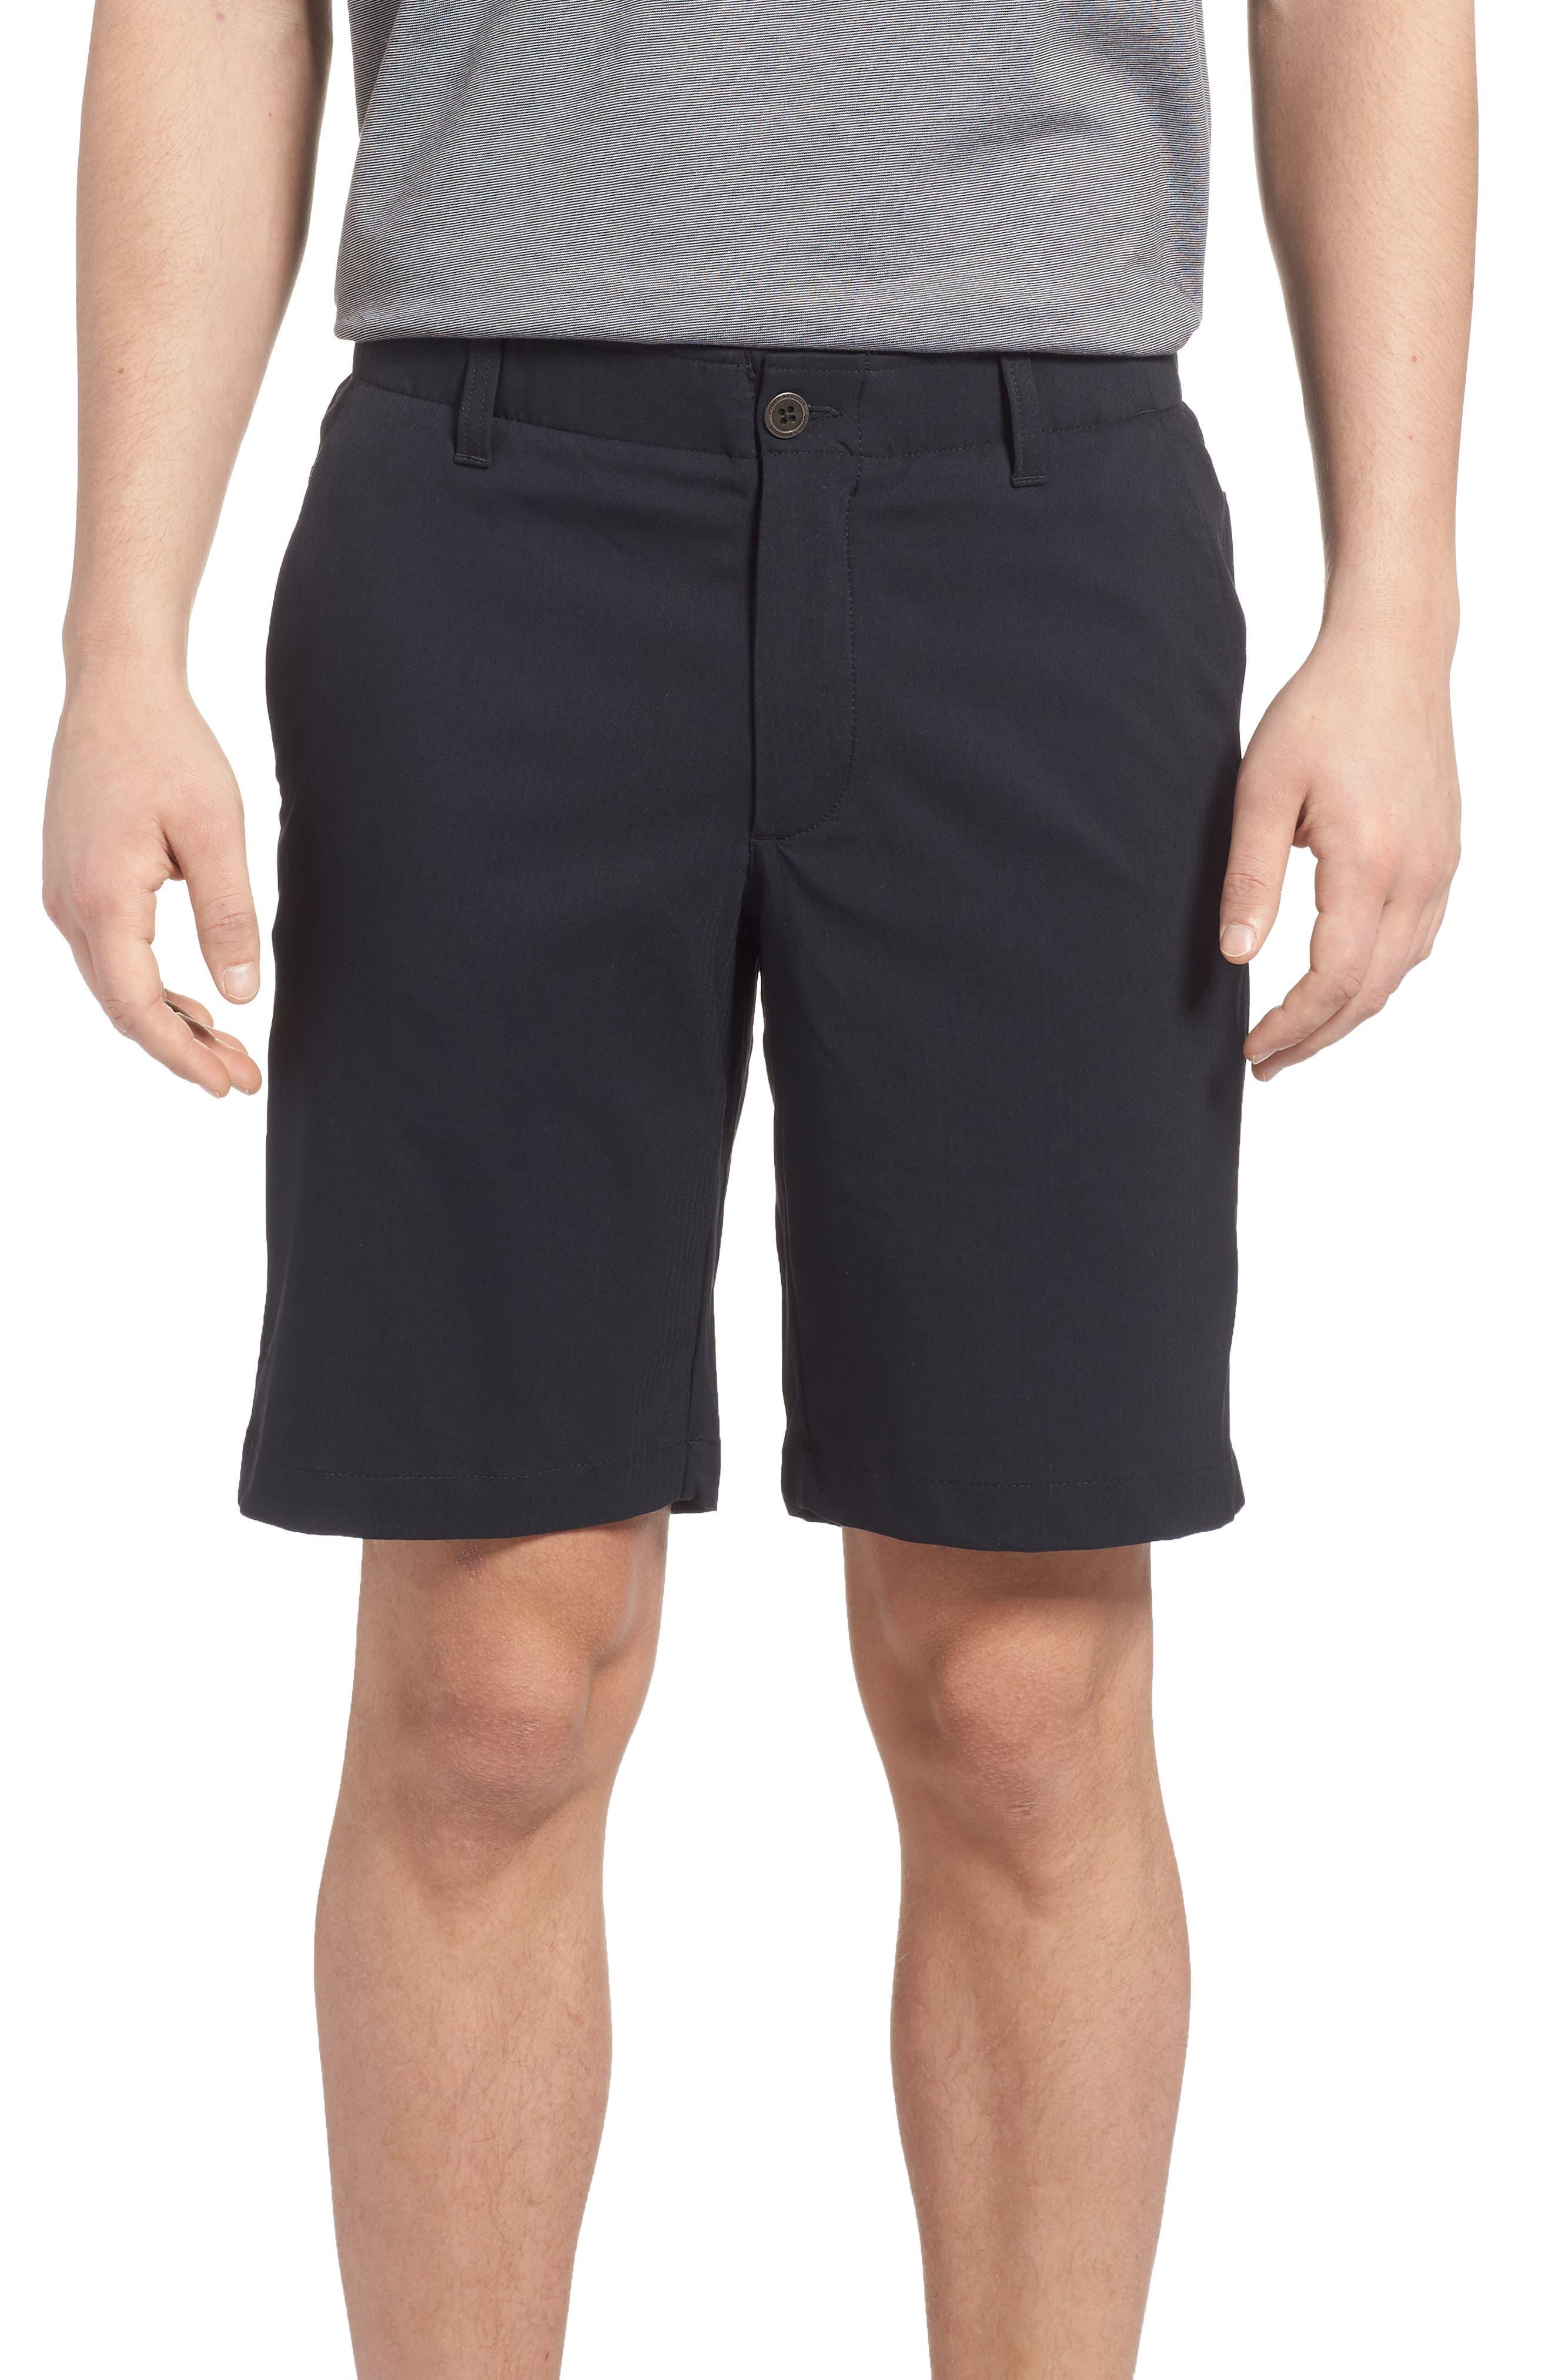 Takeover Regular Fit Golf Shorts,                         Main,                         color, BLACK